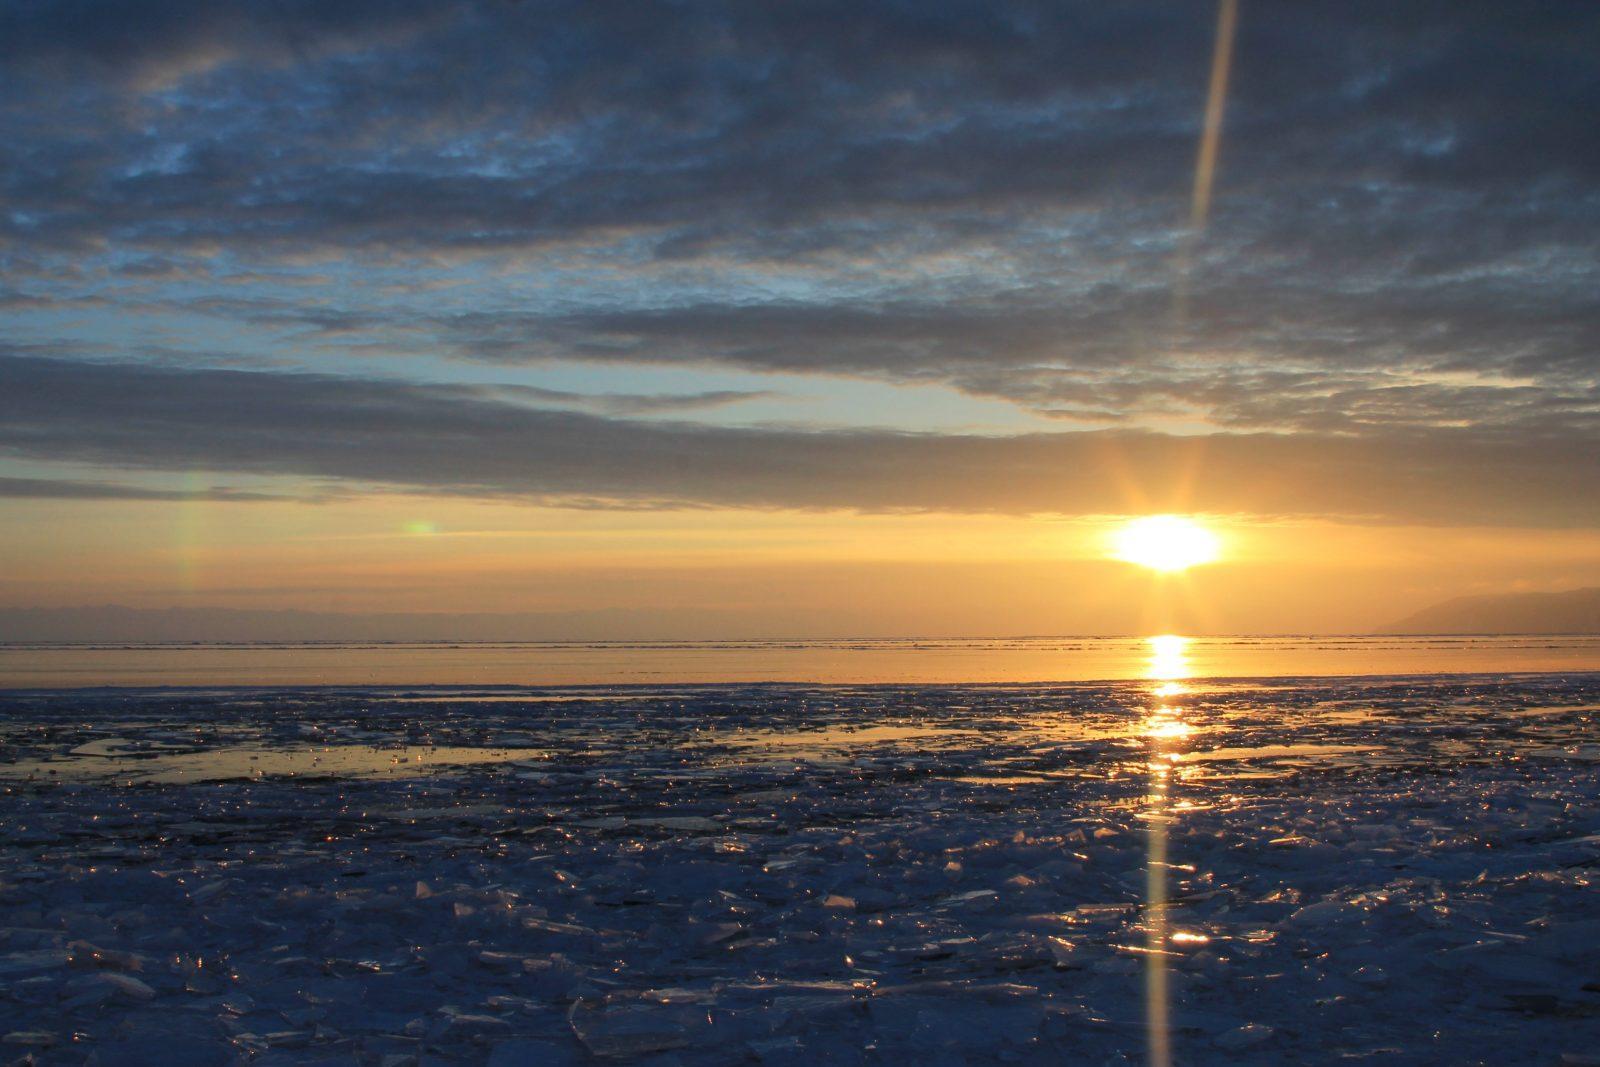 sunset Lake Baikal, Russia, winter